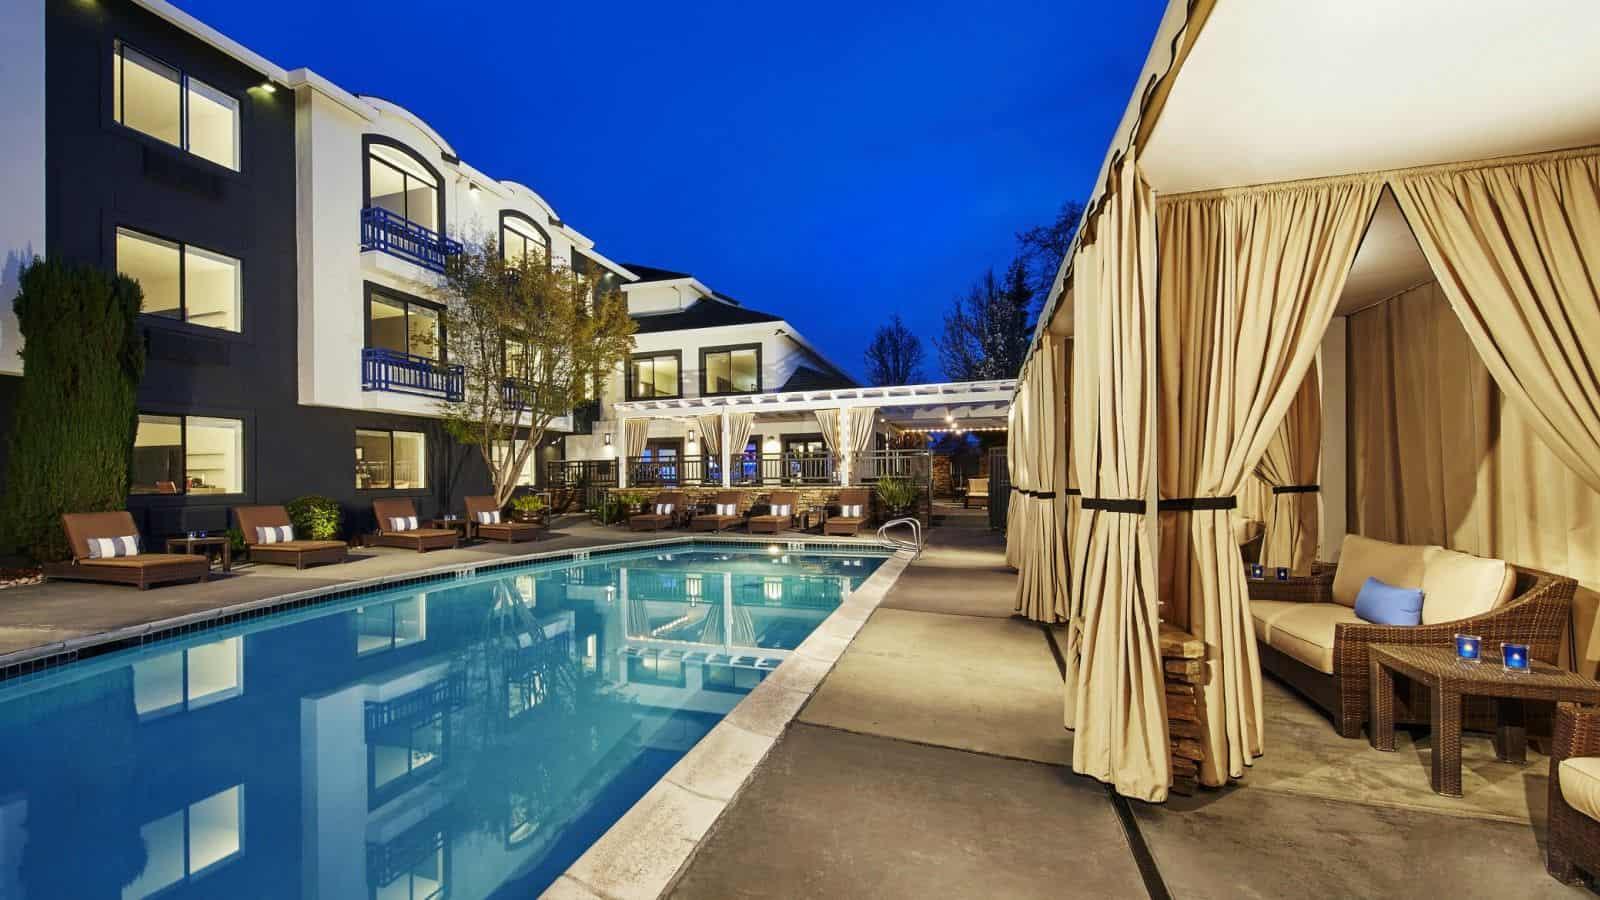 Aloft San Jose Cupertino Hotel California